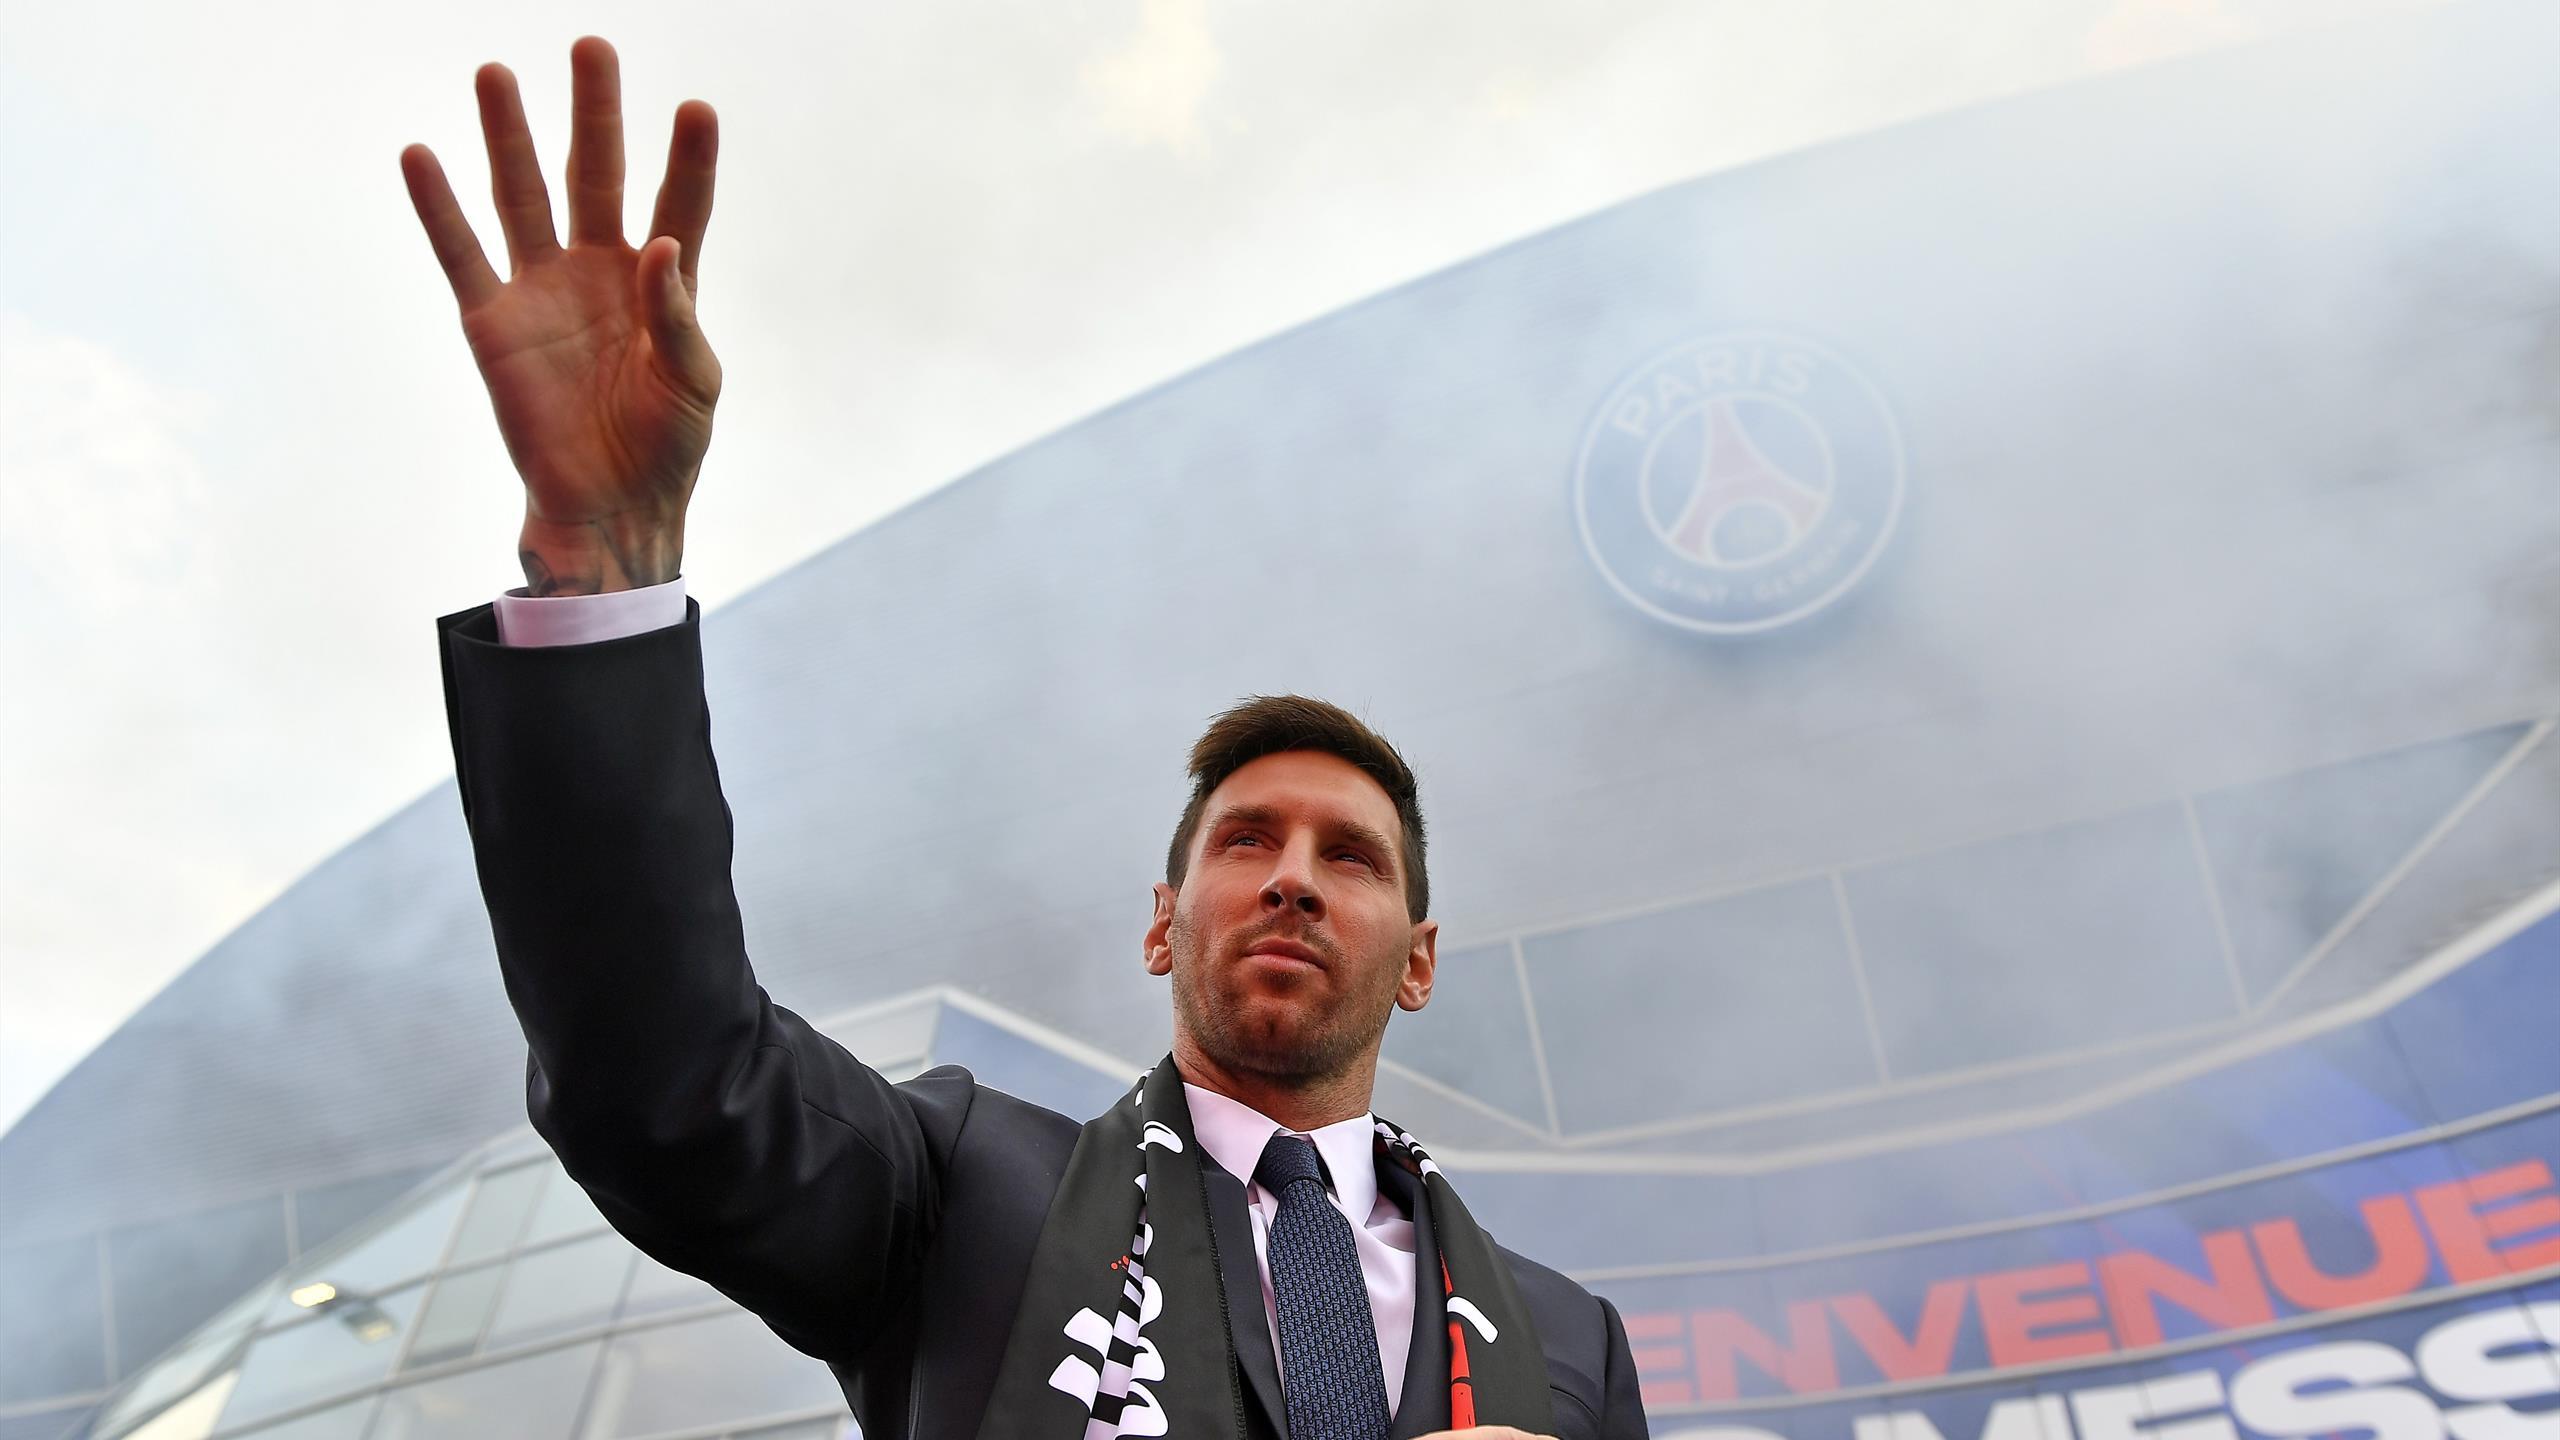 253 accréditations acceptées : La première de Messi au Parc des Princes en mondovision